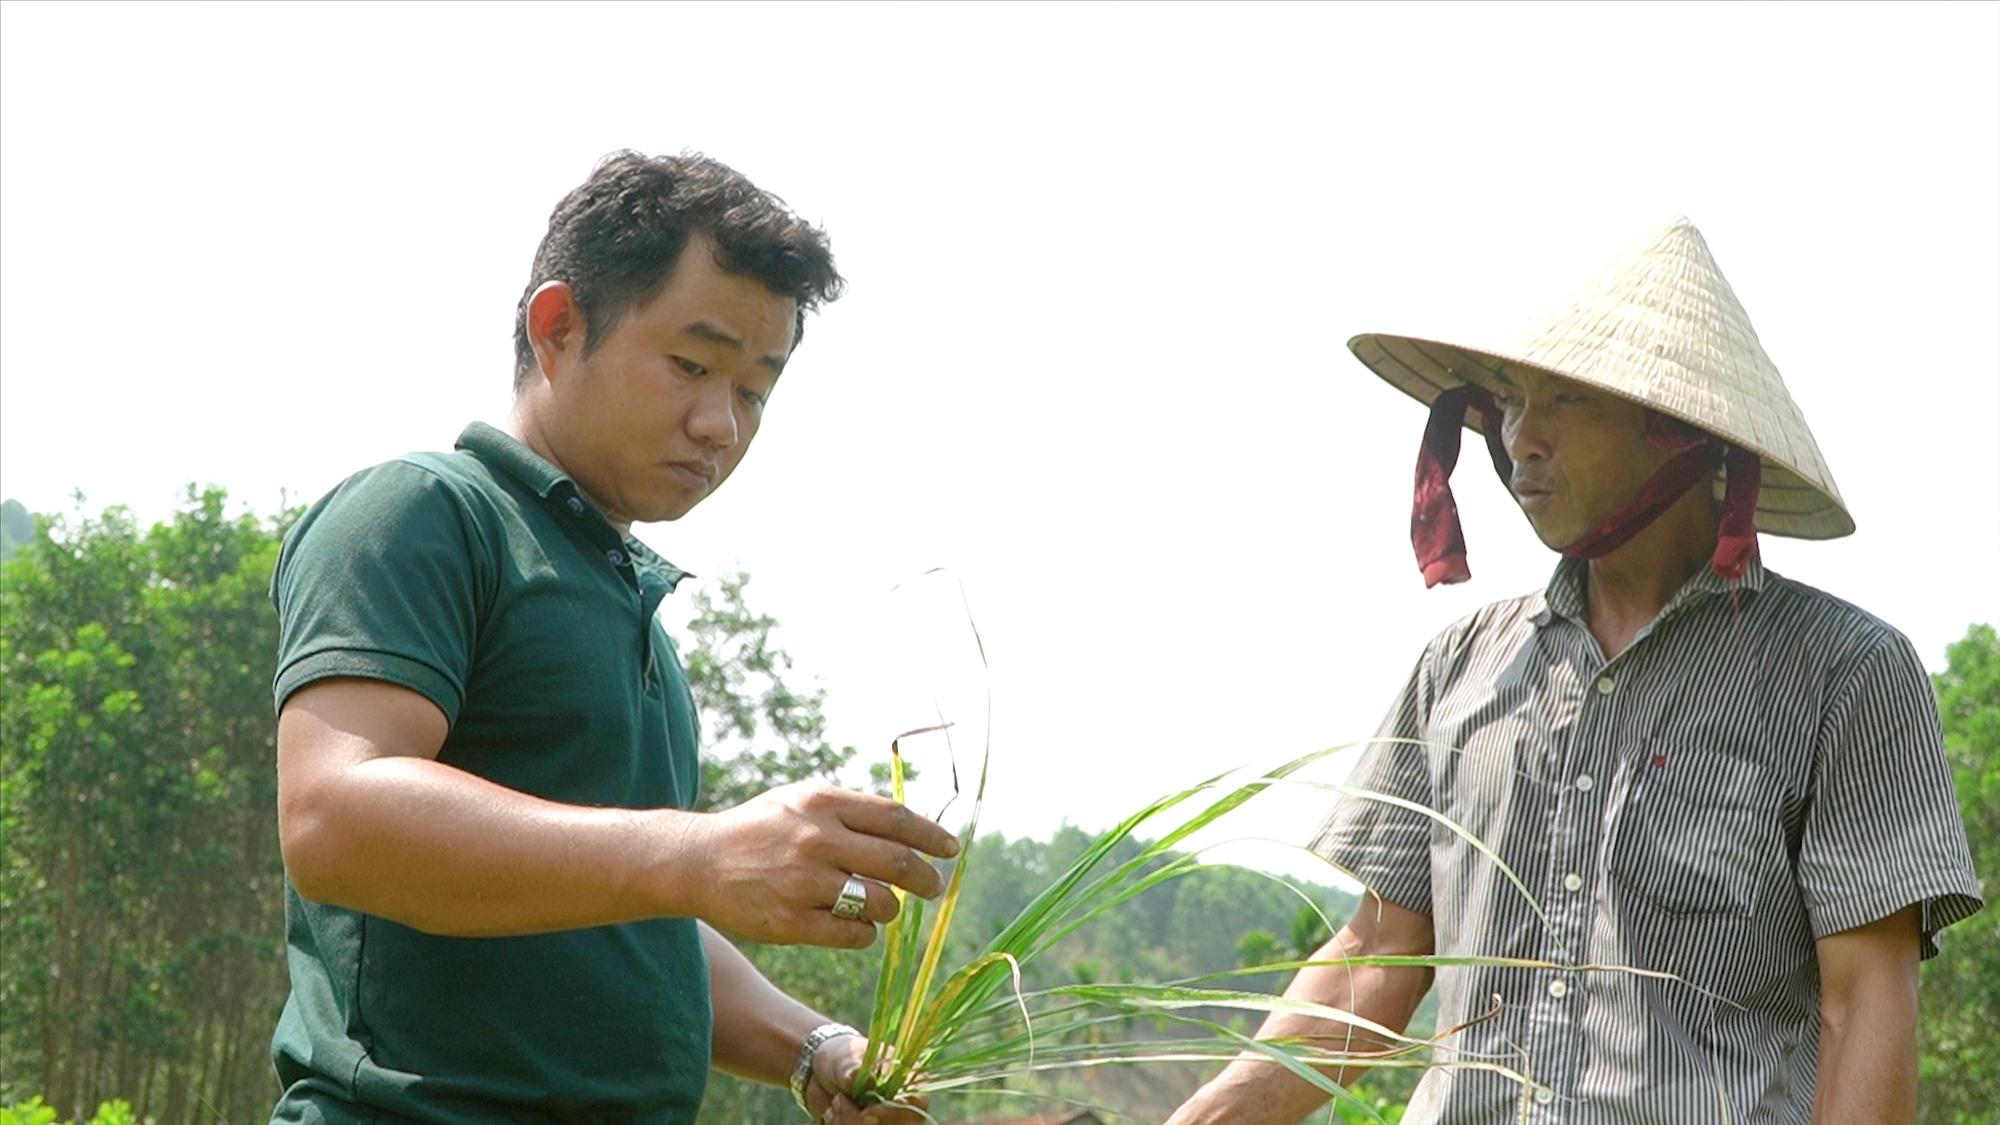 Anh Trần Hùng Nam (bên trái) thu gom cây sả chanh của địa phương để sản xuất tinh dầu. Ảnh: PHAN VINH